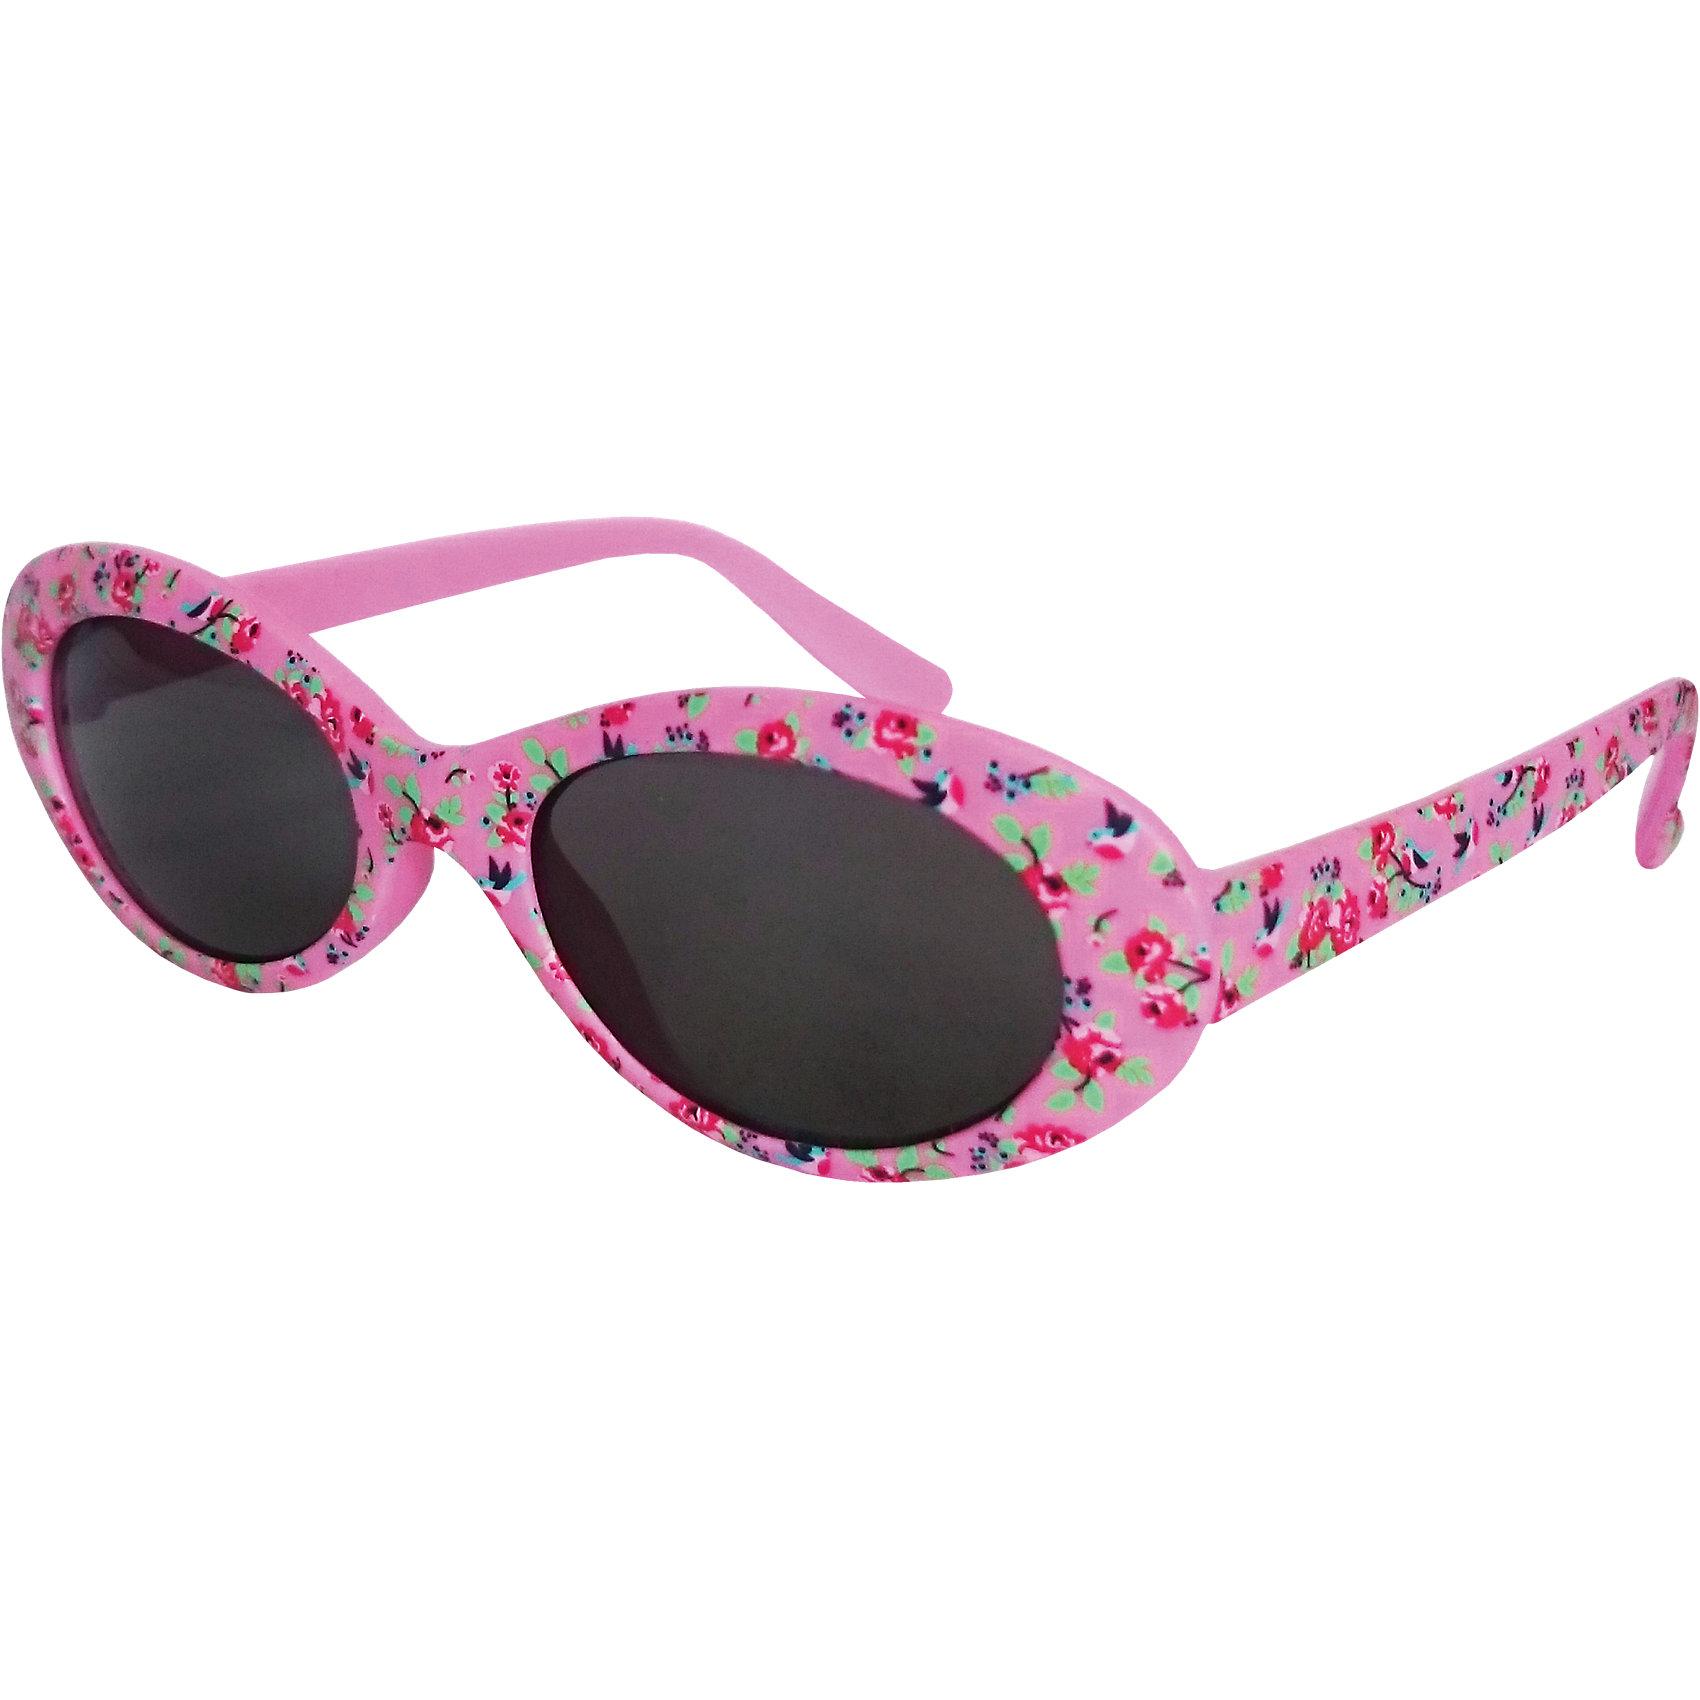 Солнечные очки CARAMELLAРозовые солнцезащитные очки «Caramella» с красными розами – это ультрамодный и полезный аксессуар для маленькой модницы. Их пластиковые линзы надежно защищают глаза от коварных ультрафиолетовых лучей, особенно опасных для детских нежных хрусталиков. Удобные дужки комфортно прилегают к голове и почти не ощущаются. Аксессуар изготовлен из пластика и предназначен для детей от 3 до 10 лет. Товар произведен в Тайване. Имеется сертификат качества и протокол испытания линз.<br><br>Ширина мм: 170<br>Глубина мм: 157<br>Высота мм: 67<br>Вес г: 117<br>Возраст от месяцев: 36<br>Возраст до месяцев: 2147483647<br>Пол: Женский<br>Возраст: Детский<br>SKU: 4136826